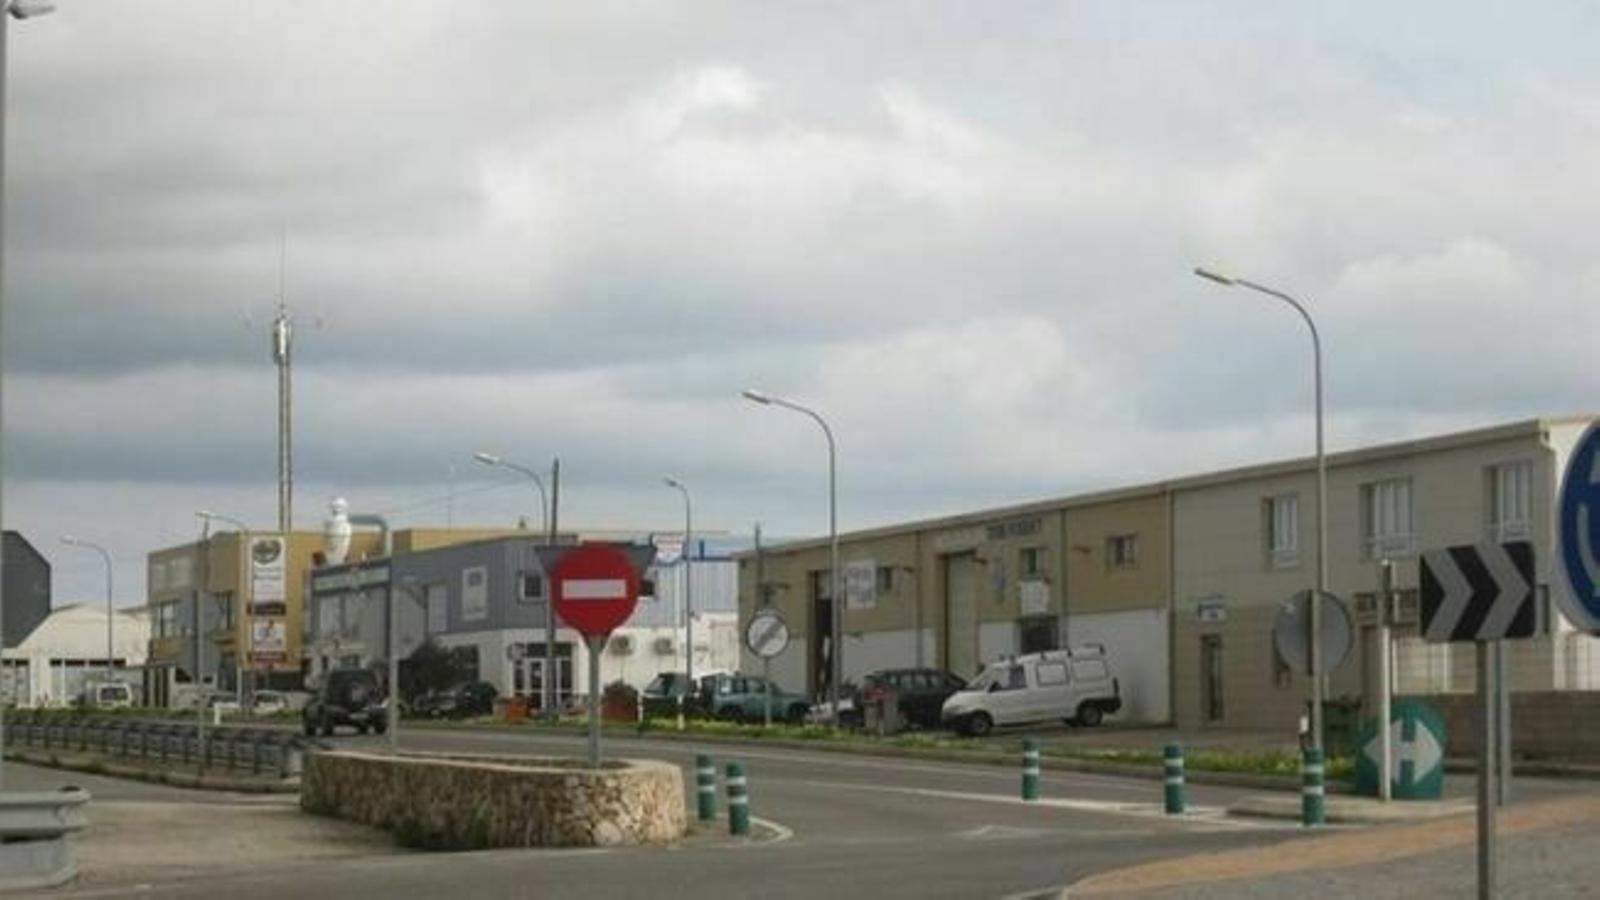 El cos de la víctima va aparèixer en un jacuzzi de plàstic a l'interior d'una nau industrial de Ciutadella.